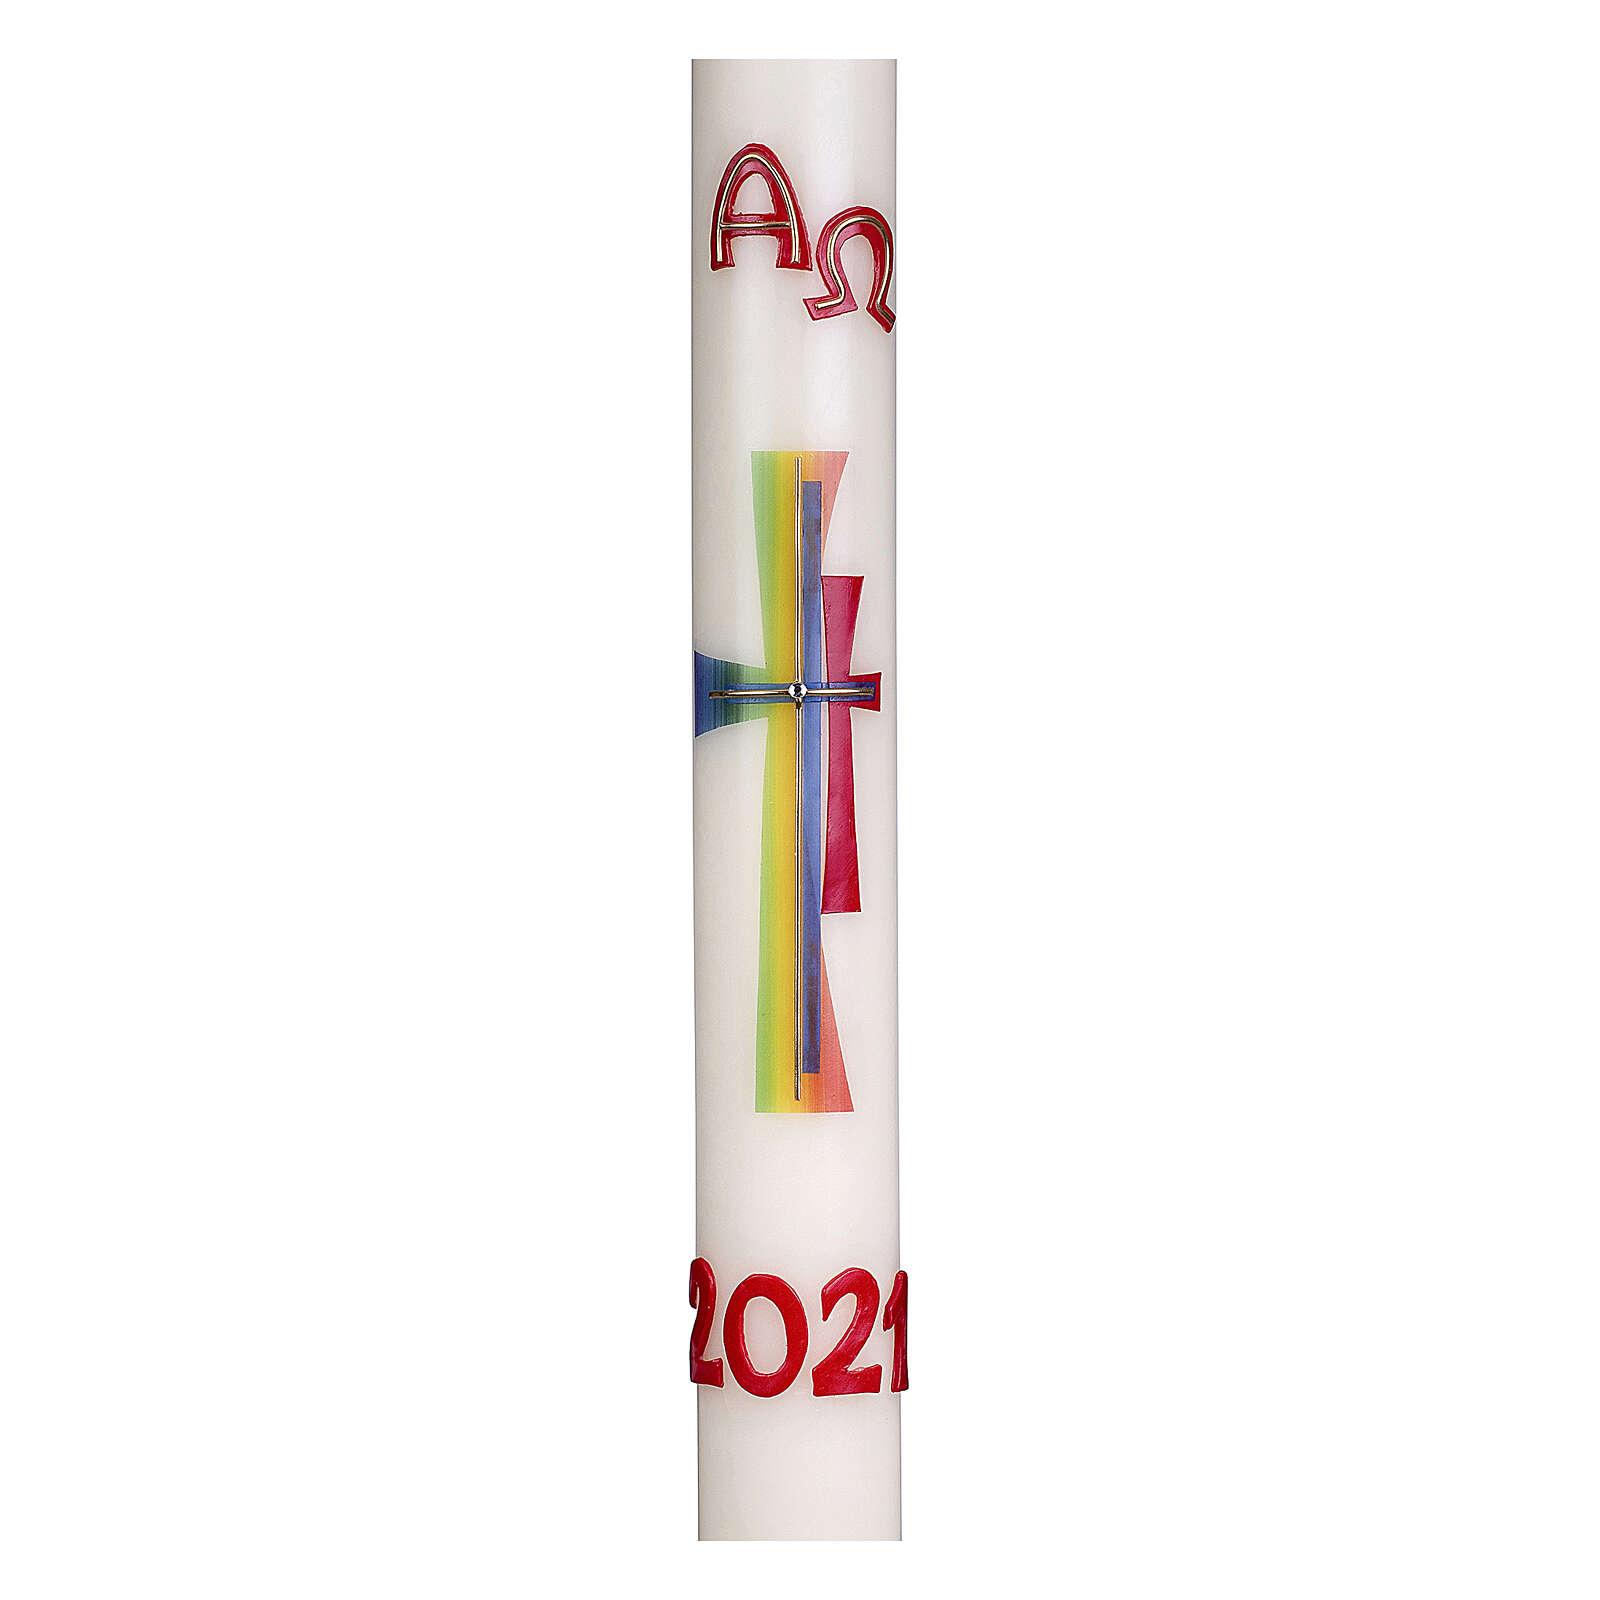 Cierge pascal croix moderne colorée 80x8 cm cire d'abeille 3